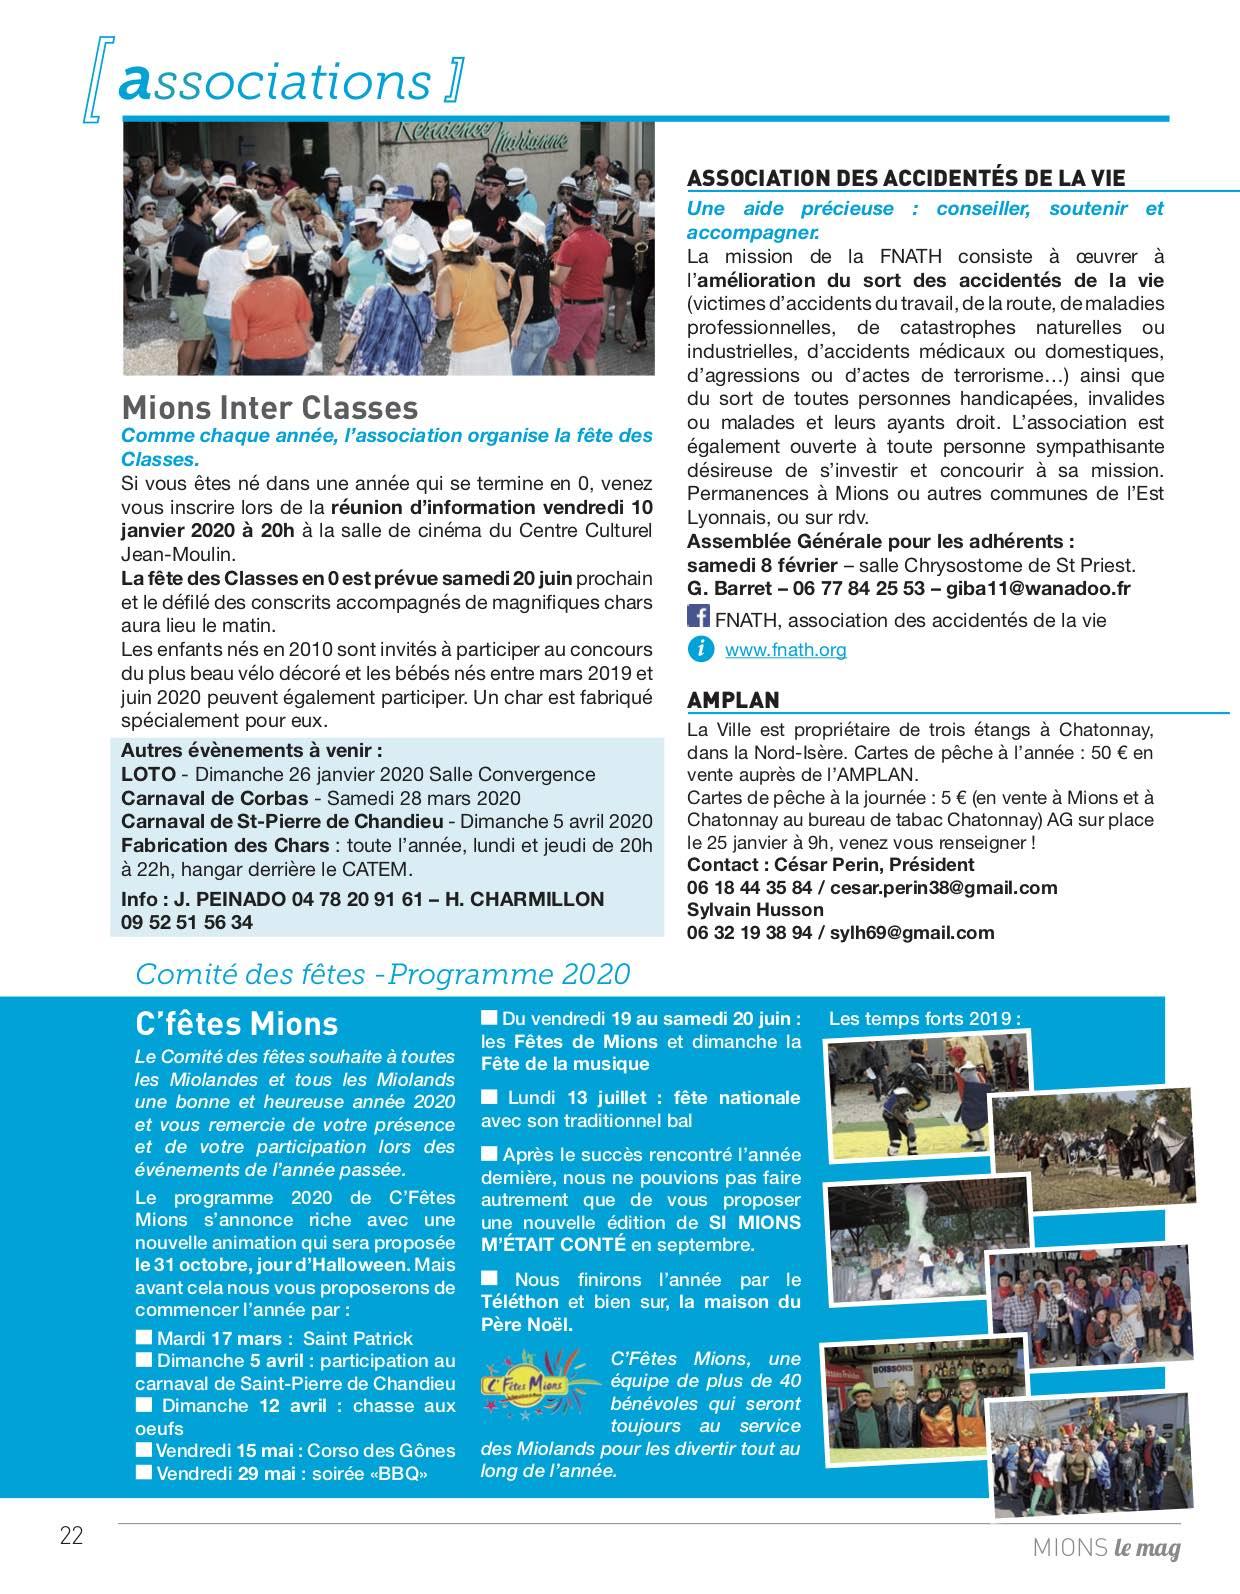 031-Mions-le-mag-janvier-n31-web1